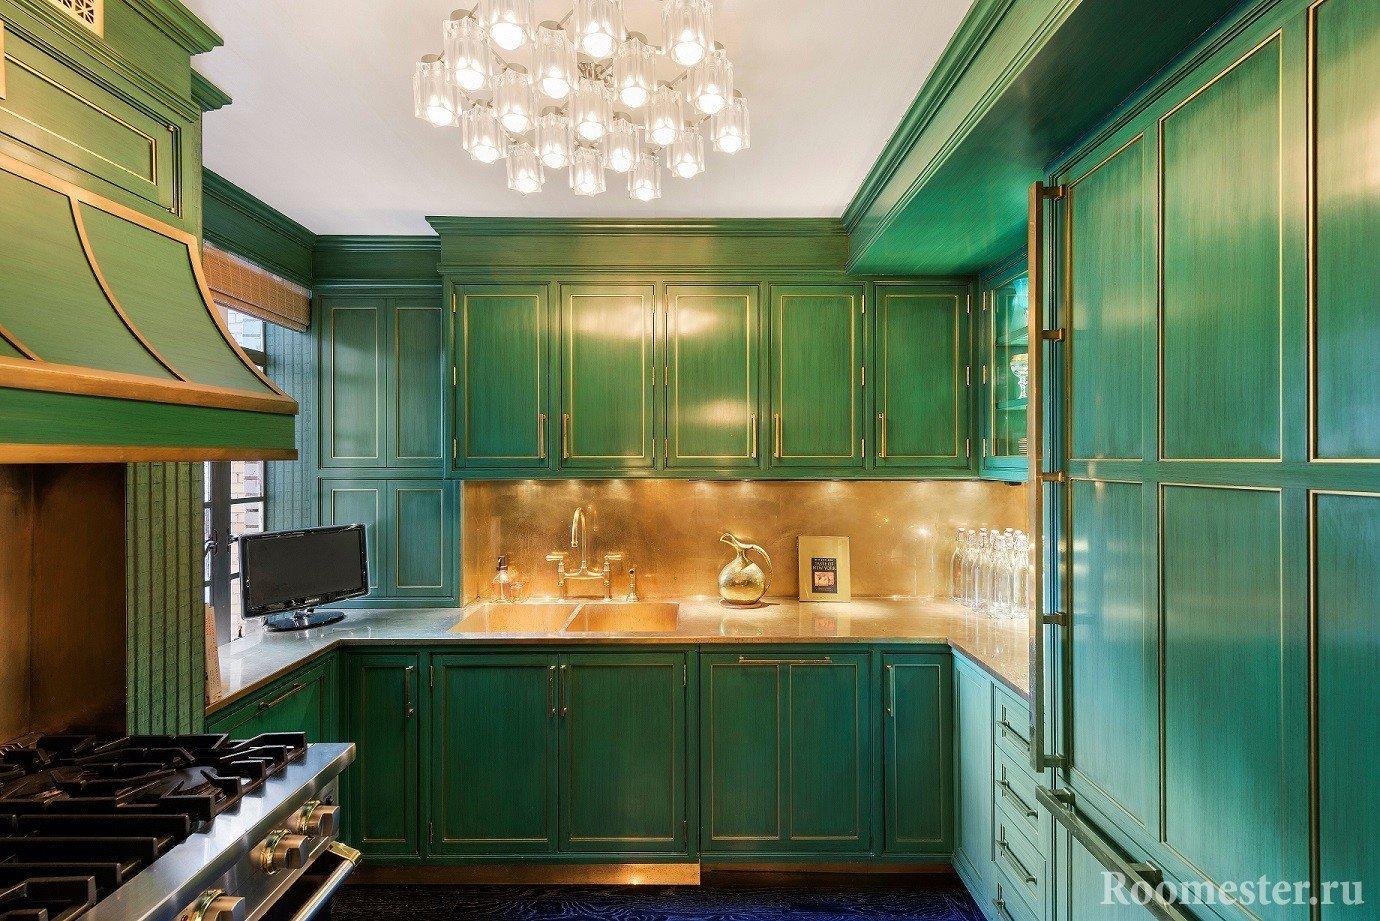 Глубокий зеленый цвет с медным декором